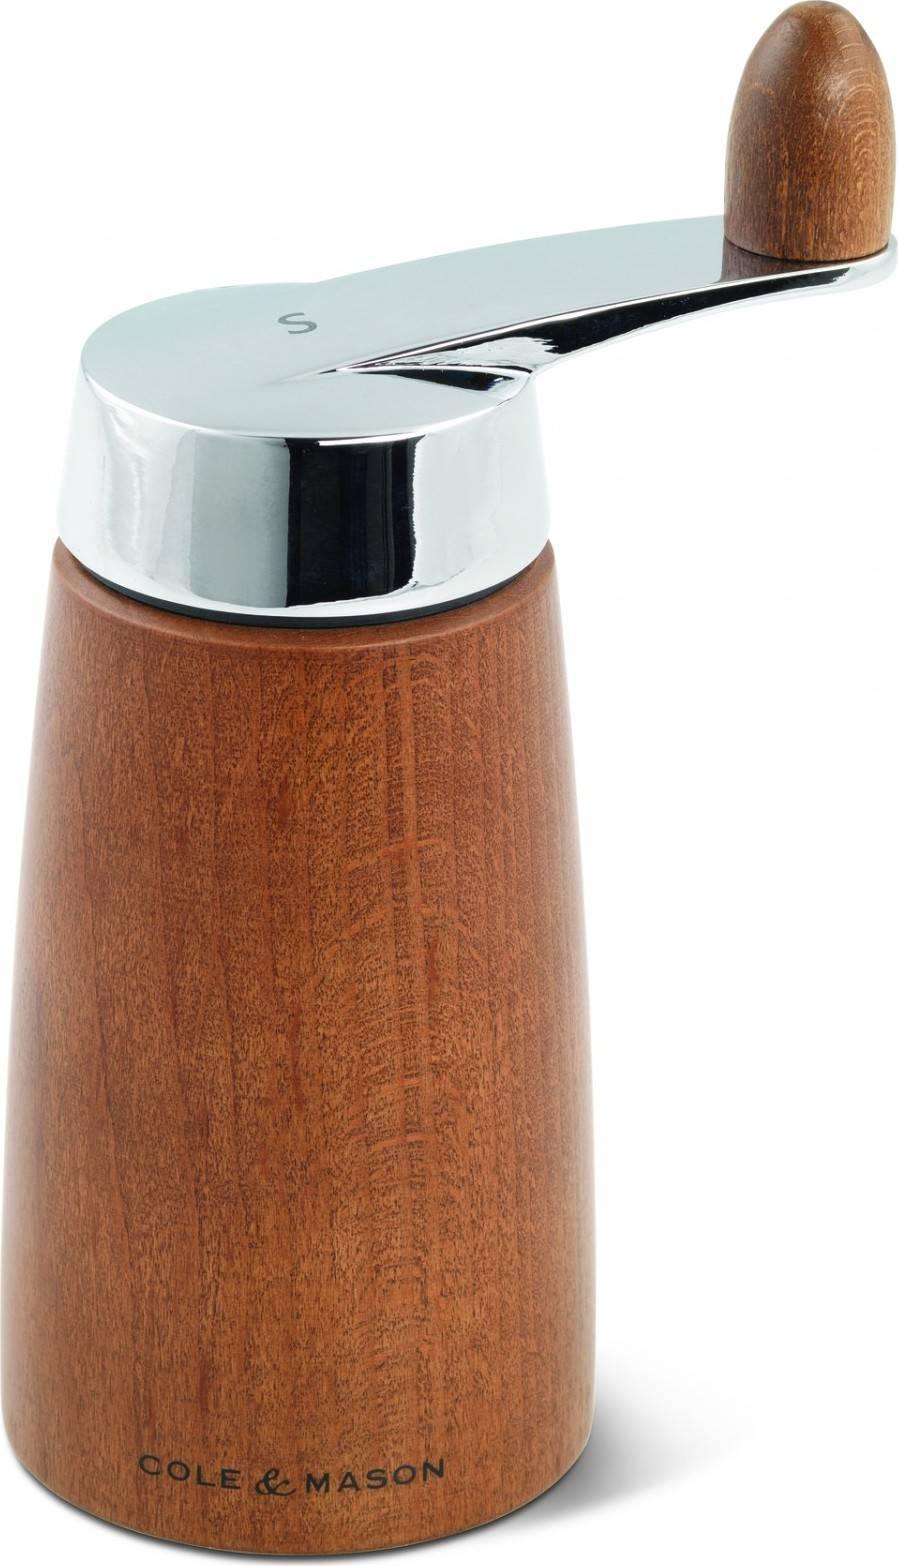 Cole & Mason MORLEY CRANK ořechová barva, mlýnek na sůl, 165 mm H300722 DKB Household UK Limited